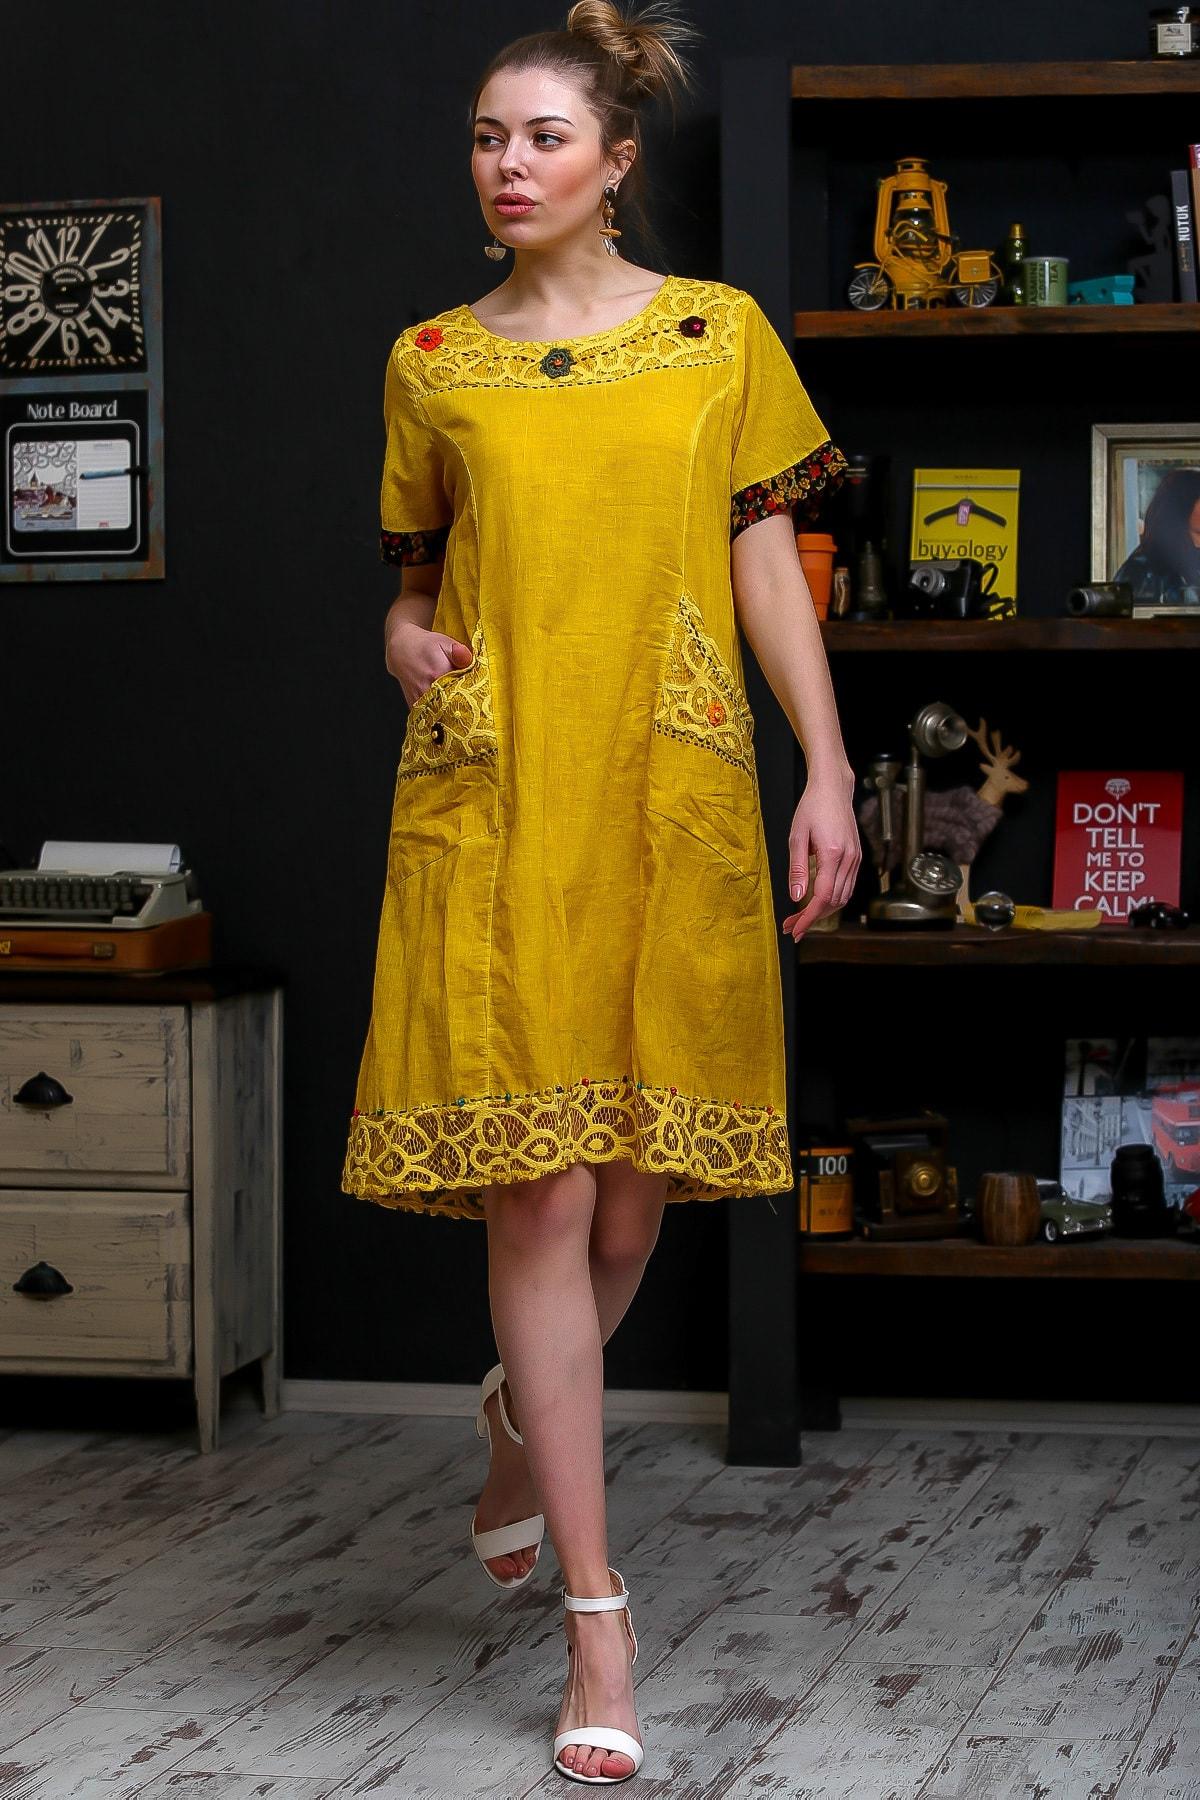 Chiccy Kadın Hardal Robası Dantel El İşi Çiçek Detay Cepli Astarlı Yıkamalı Dokuma Elbise M10160000EL95870 3